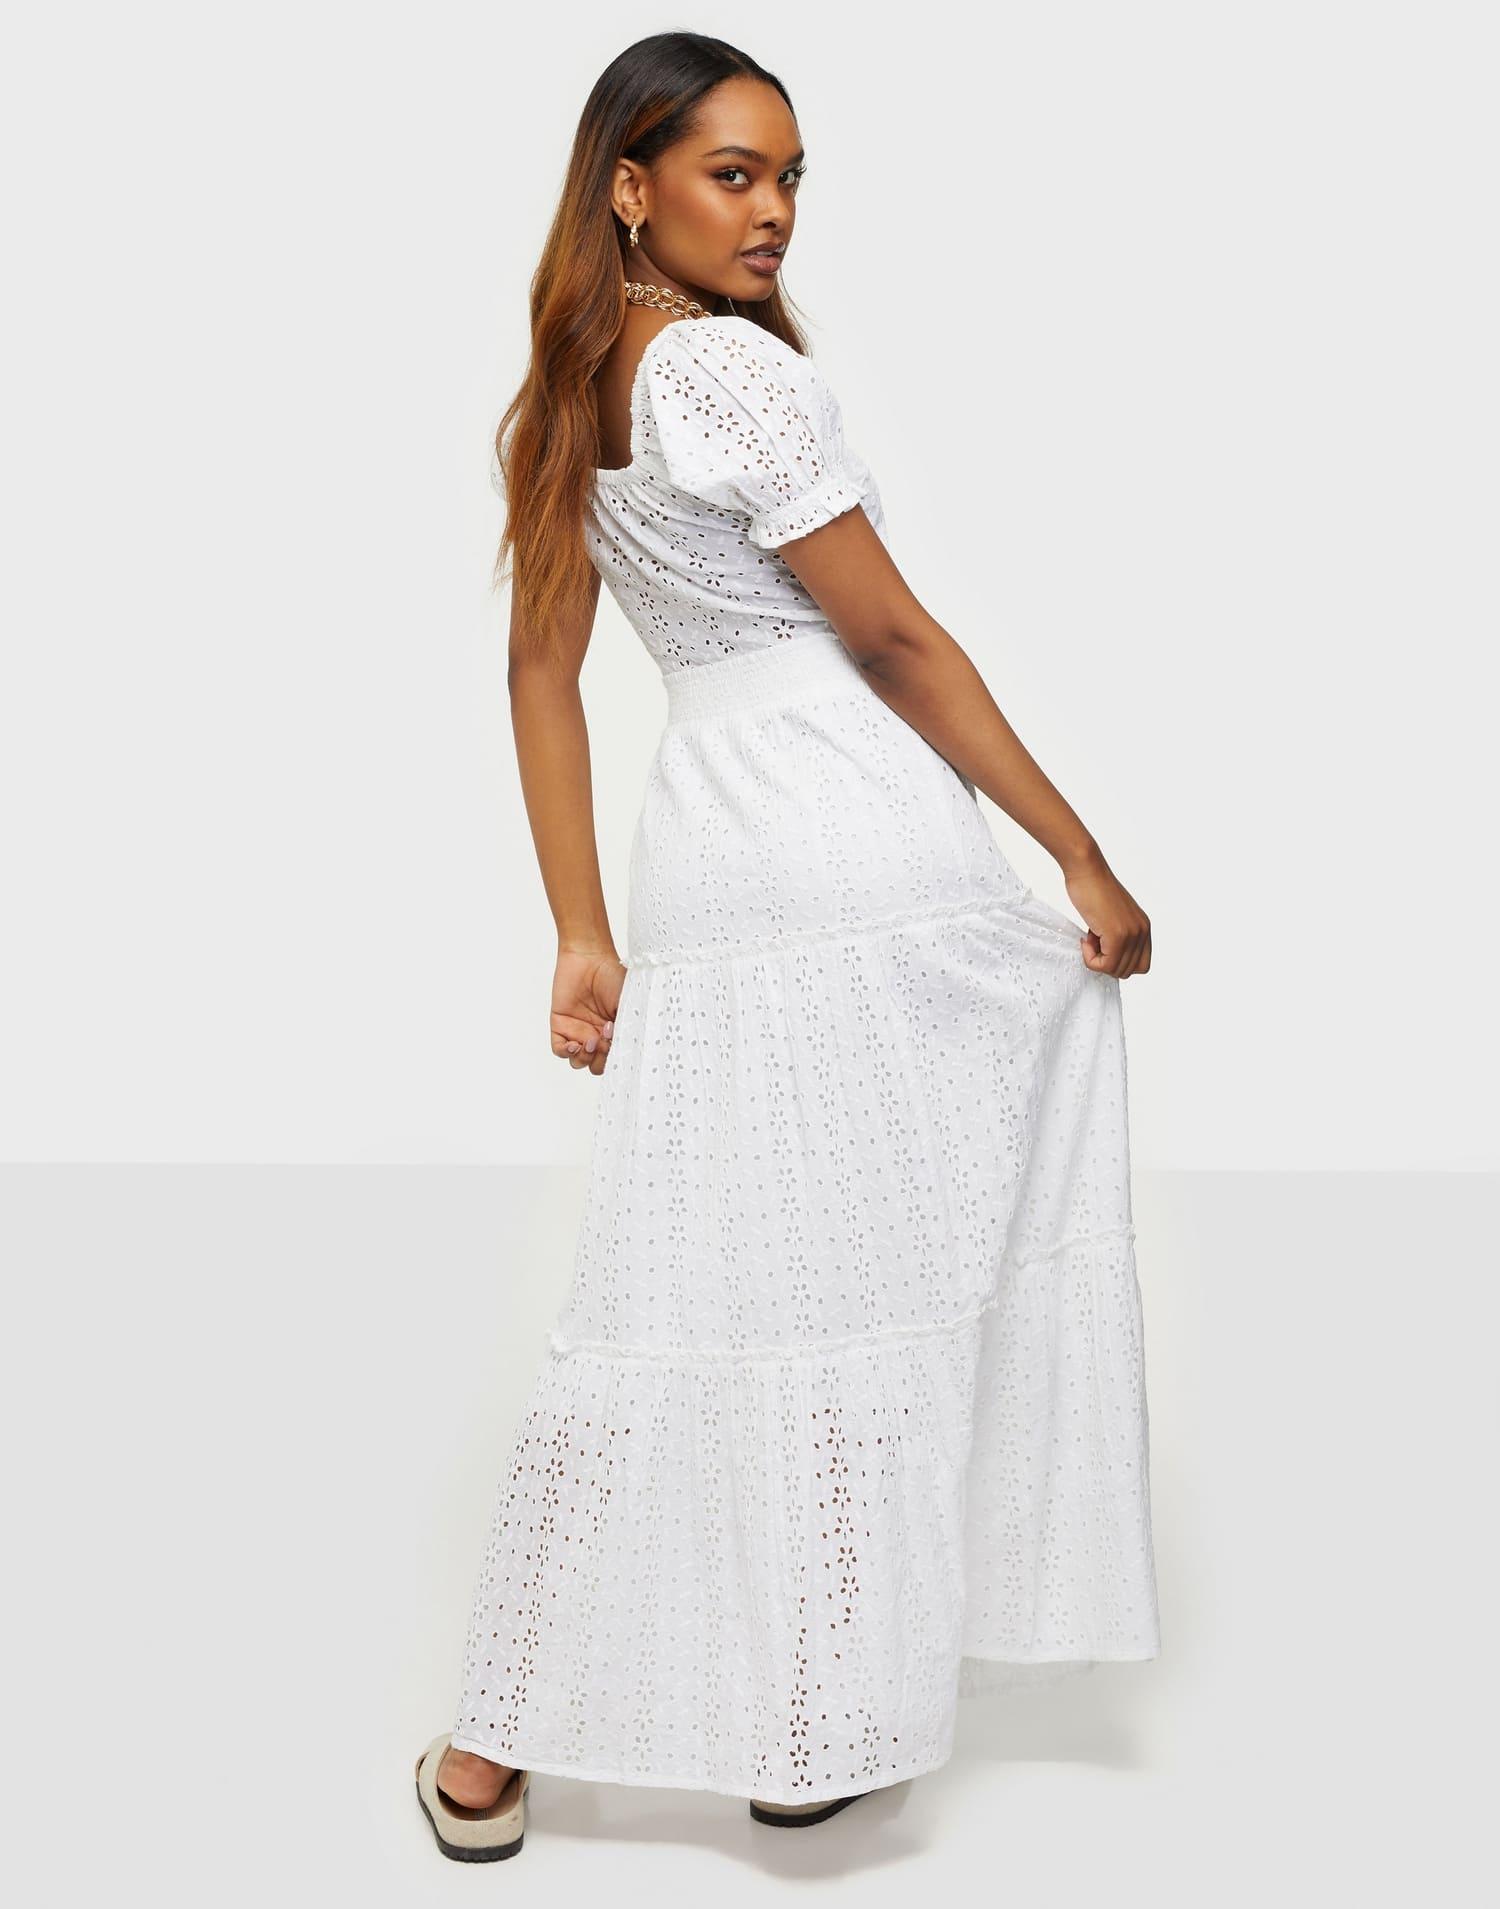 Söt, vit kjol i spets för dam 2021